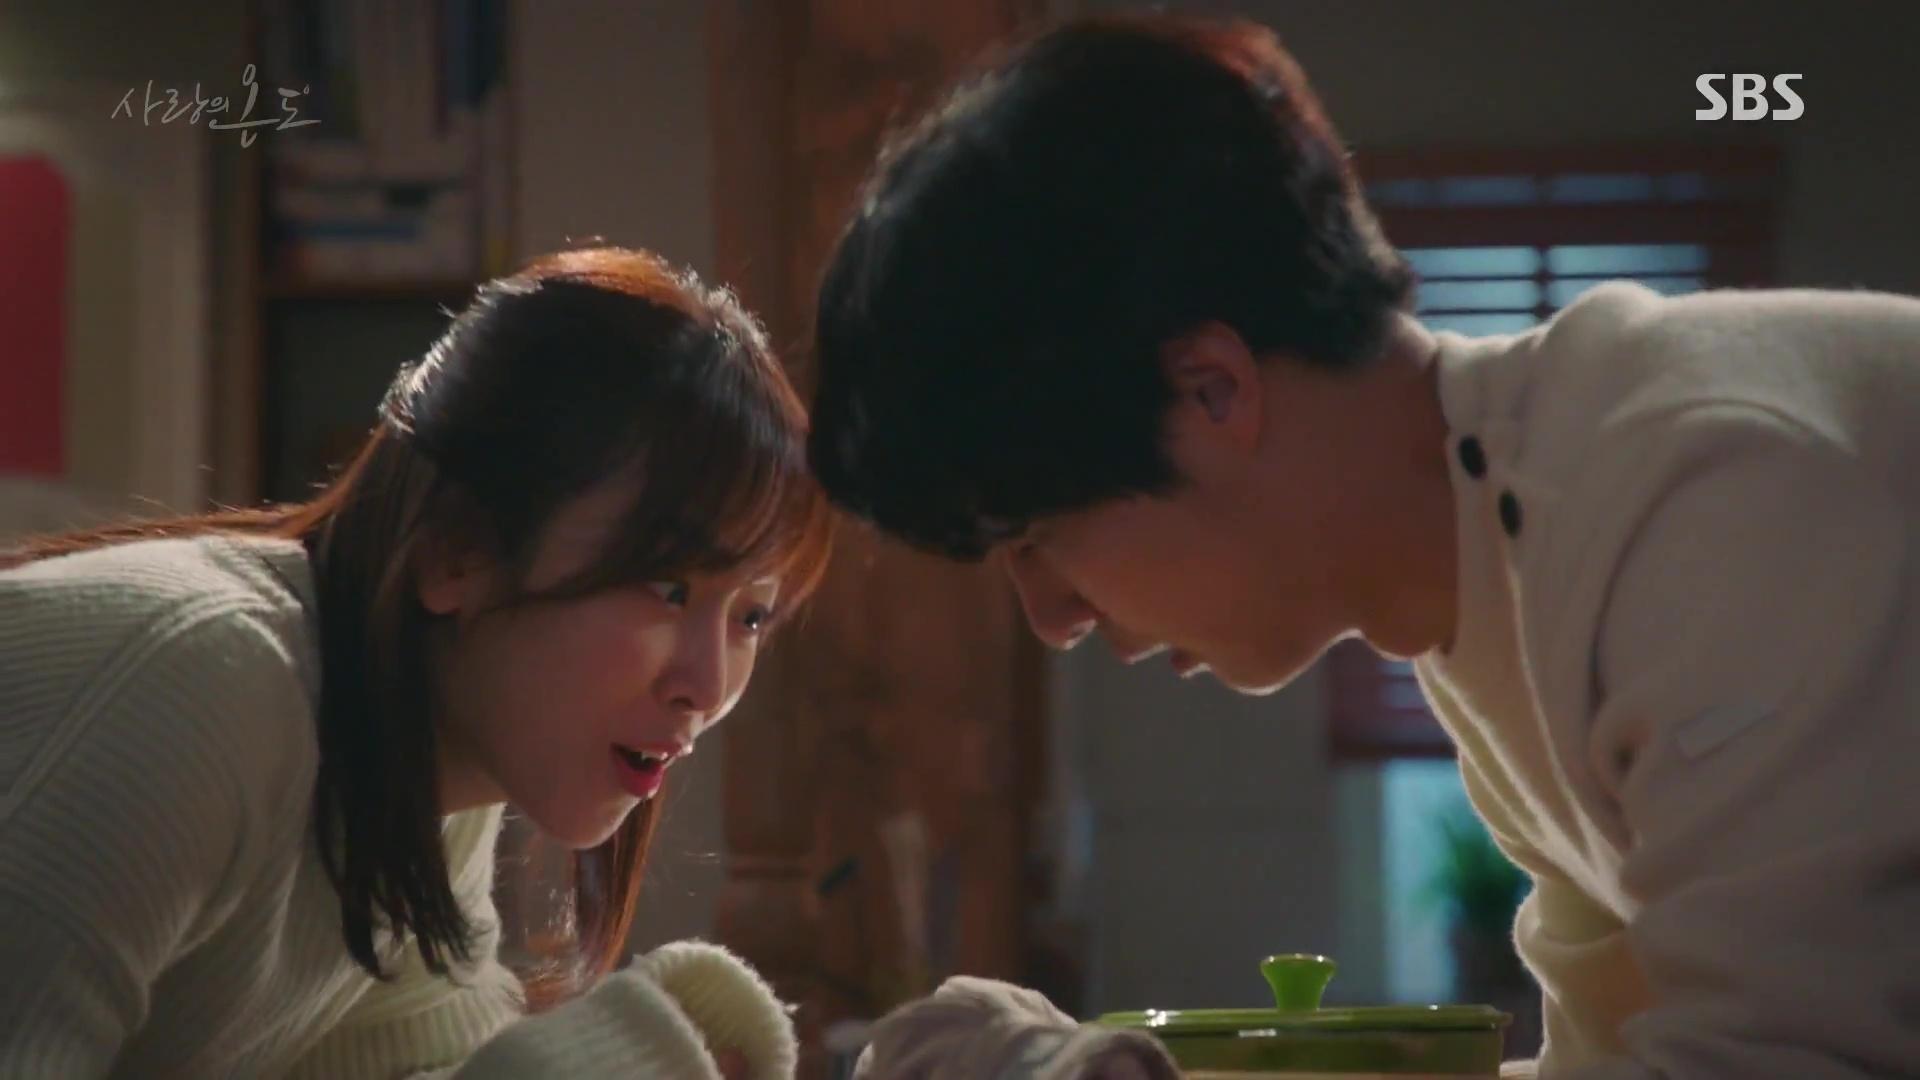 Bị nam chính bơ đẹp, yêu nữ số 1 Hàn Quốc nuốt không nổi cơm, quyết phục thù - Ảnh 10.